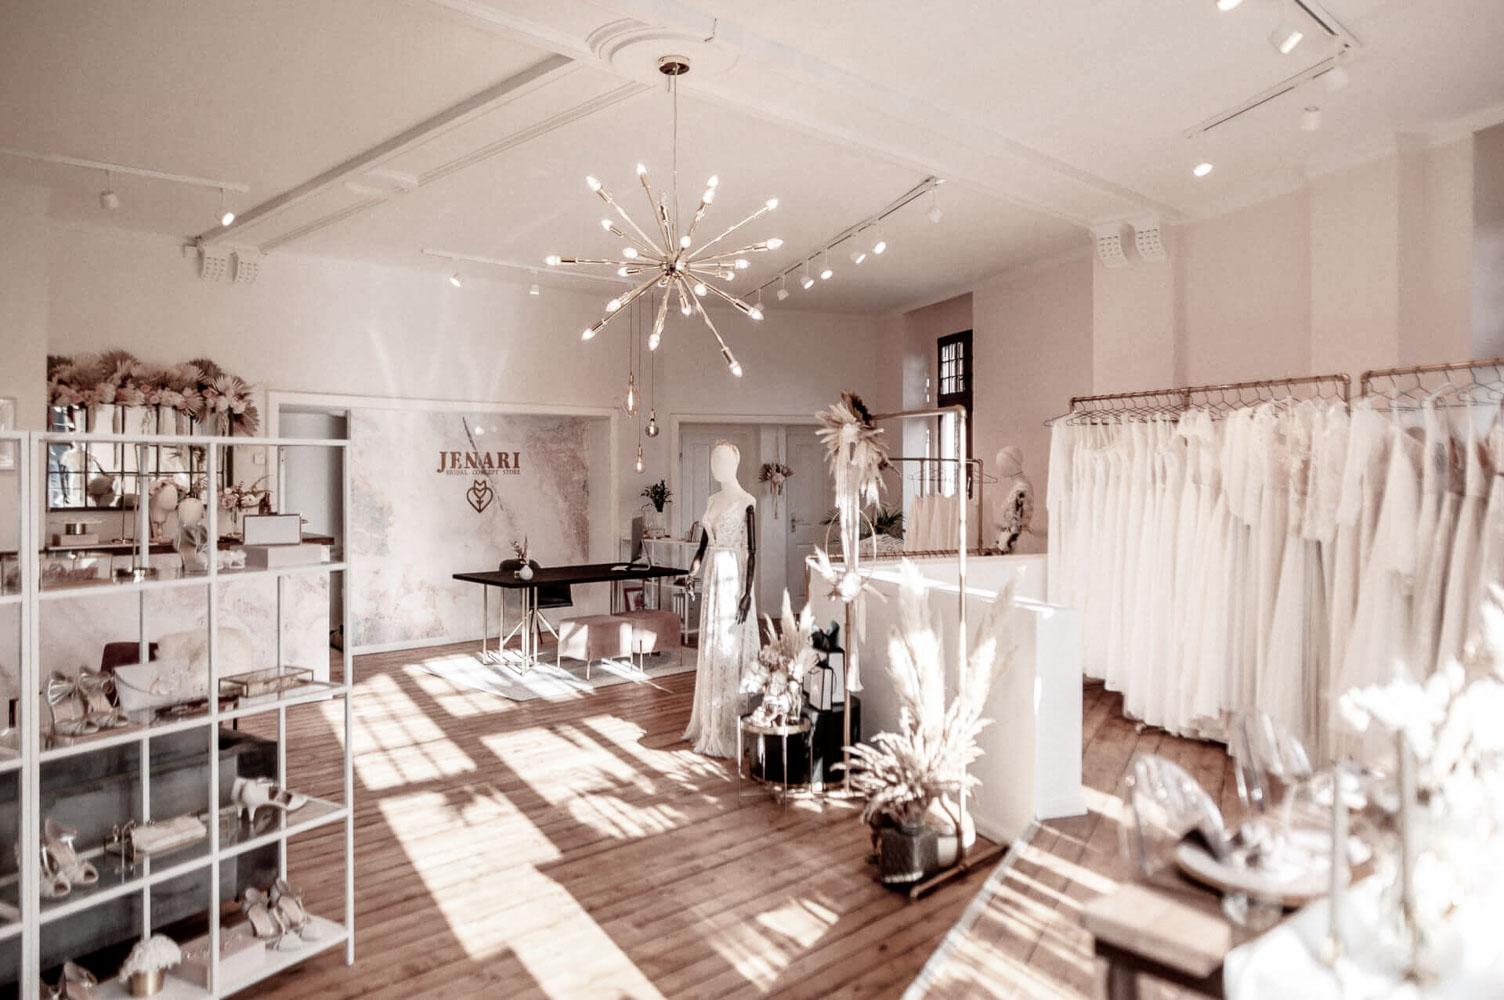 Jenari Storel I Jenari - Bridal Concept Store | Brautmoden Wuppertal-3